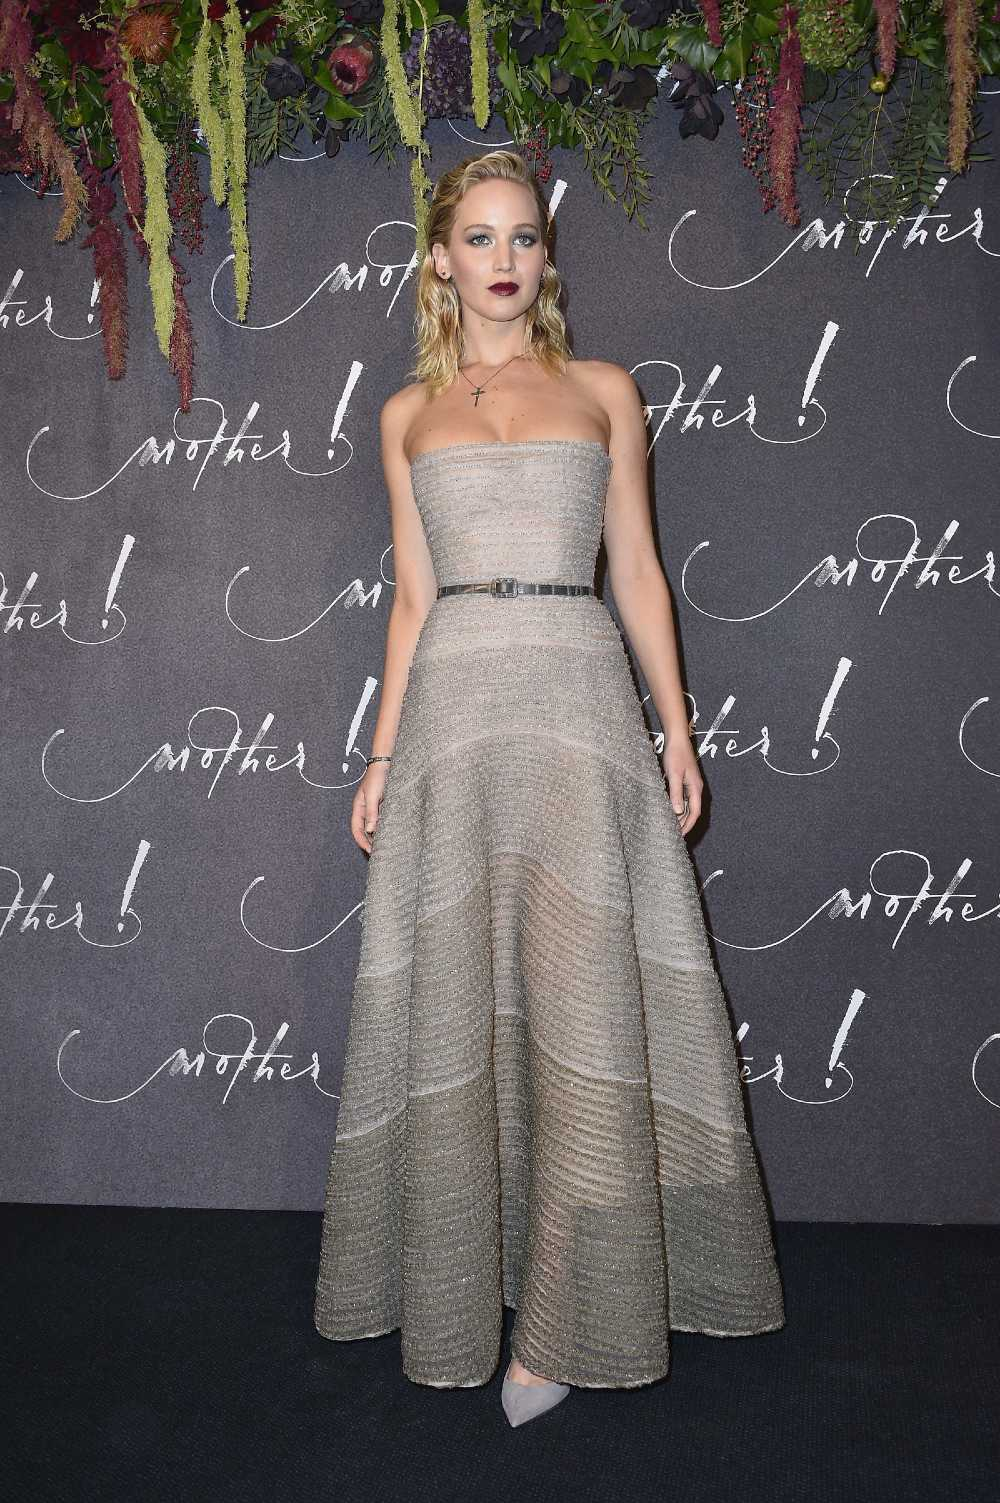 Jennifer Lawrence Hot pics